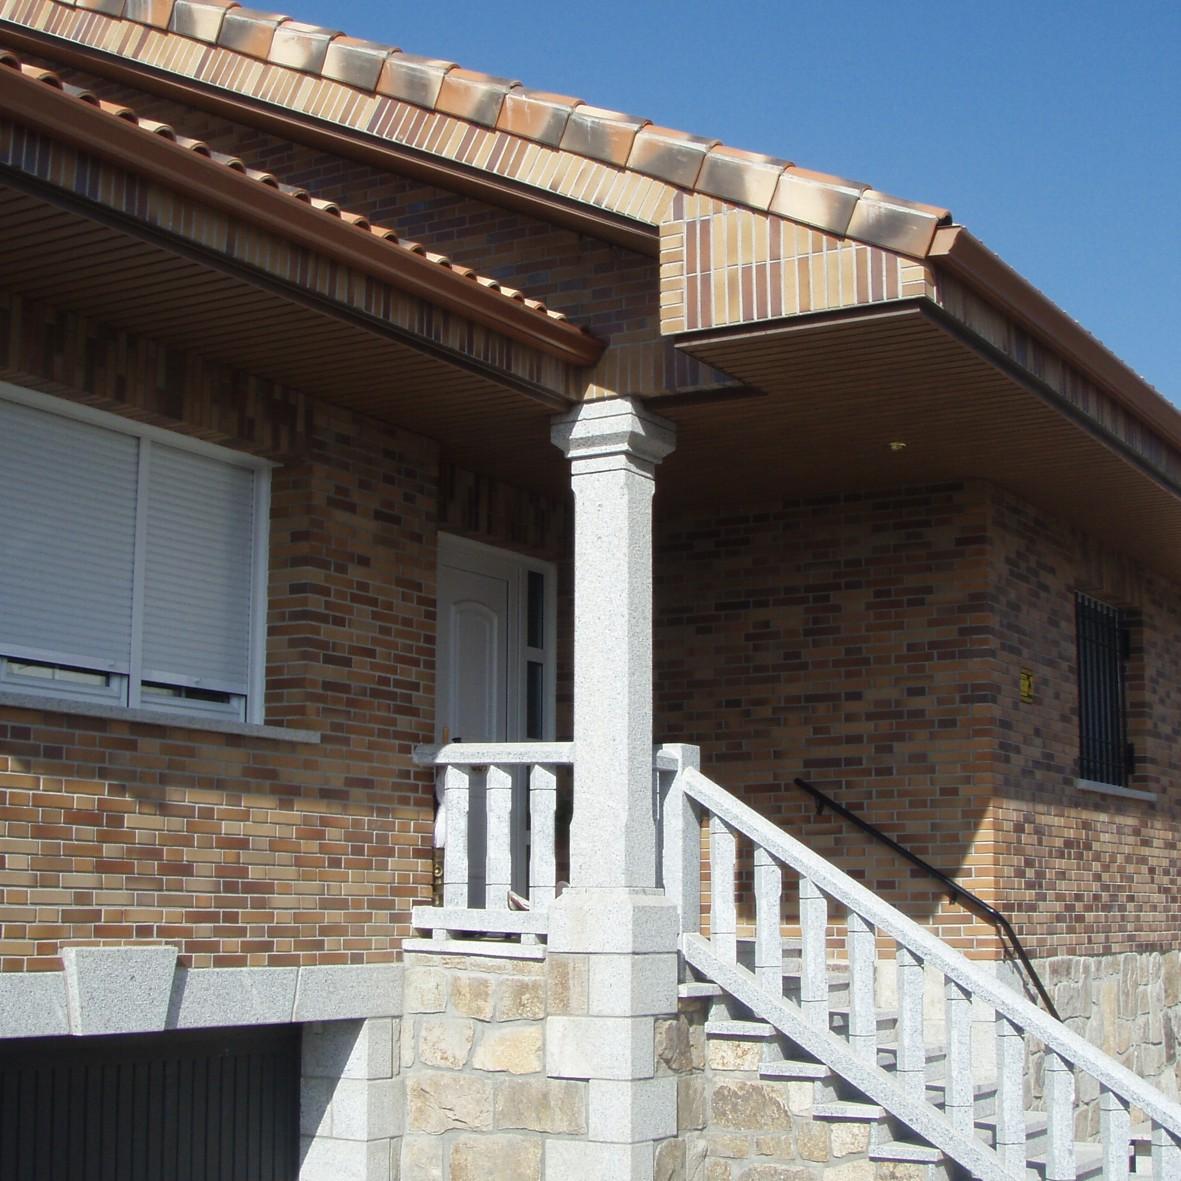 Estudio de arquitectura en hoyo de manzanares madrid - Estudio de arquitectura en madrid ...